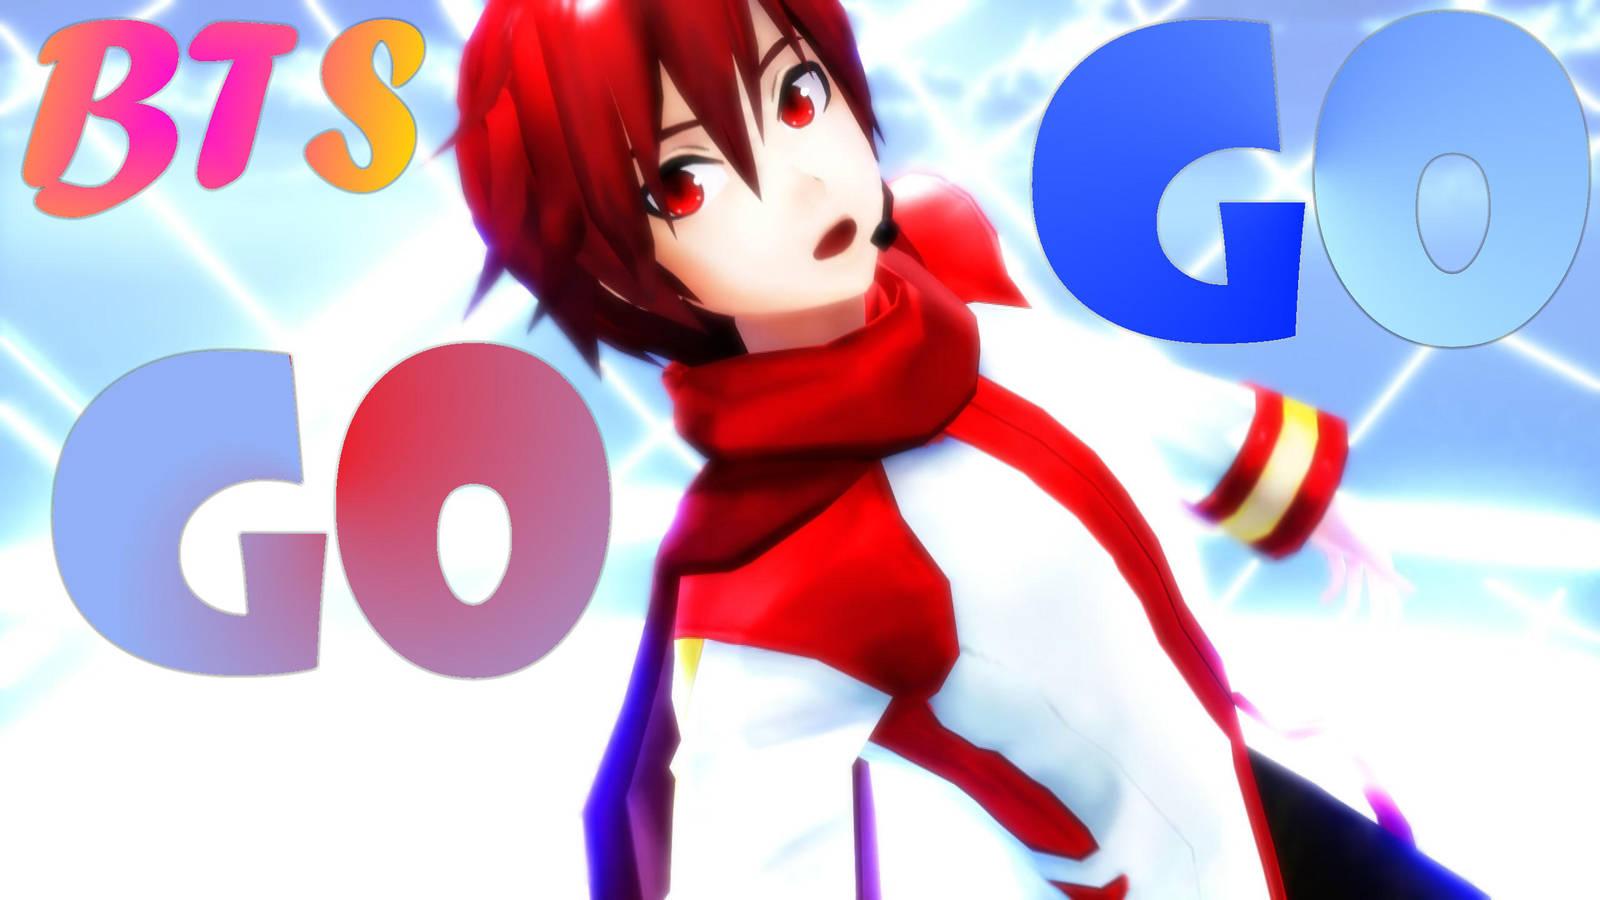 Bts Go Go Akaito Shion Wav Download By Freezerbladeqwerty On